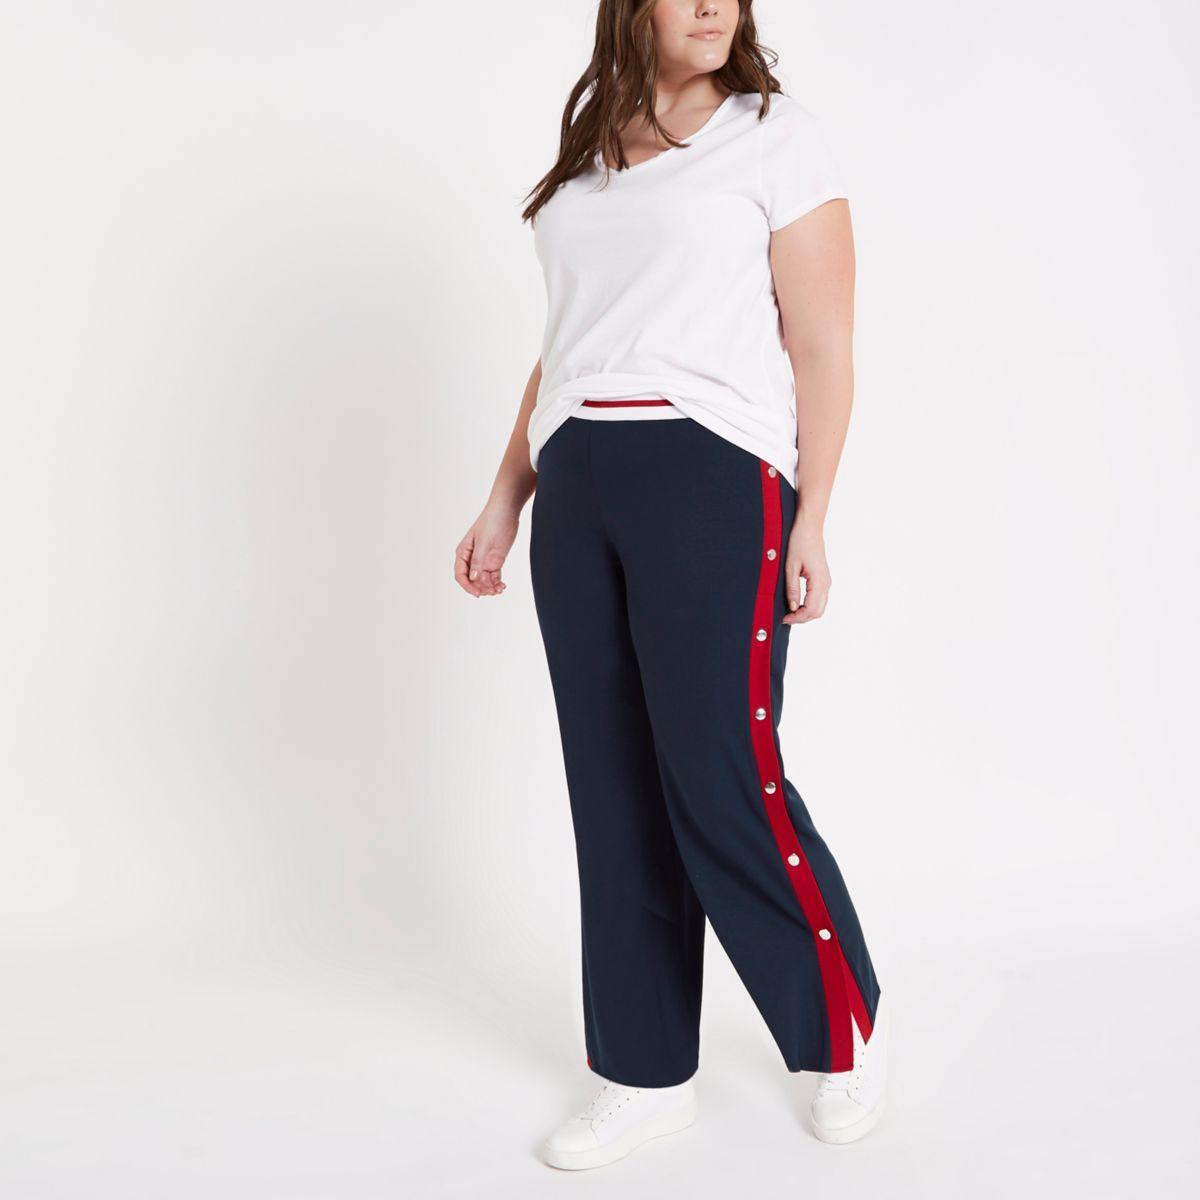 RI Plus - Marineblauwe joggingbroek met kleurvlakken en drukkers op de zijkant